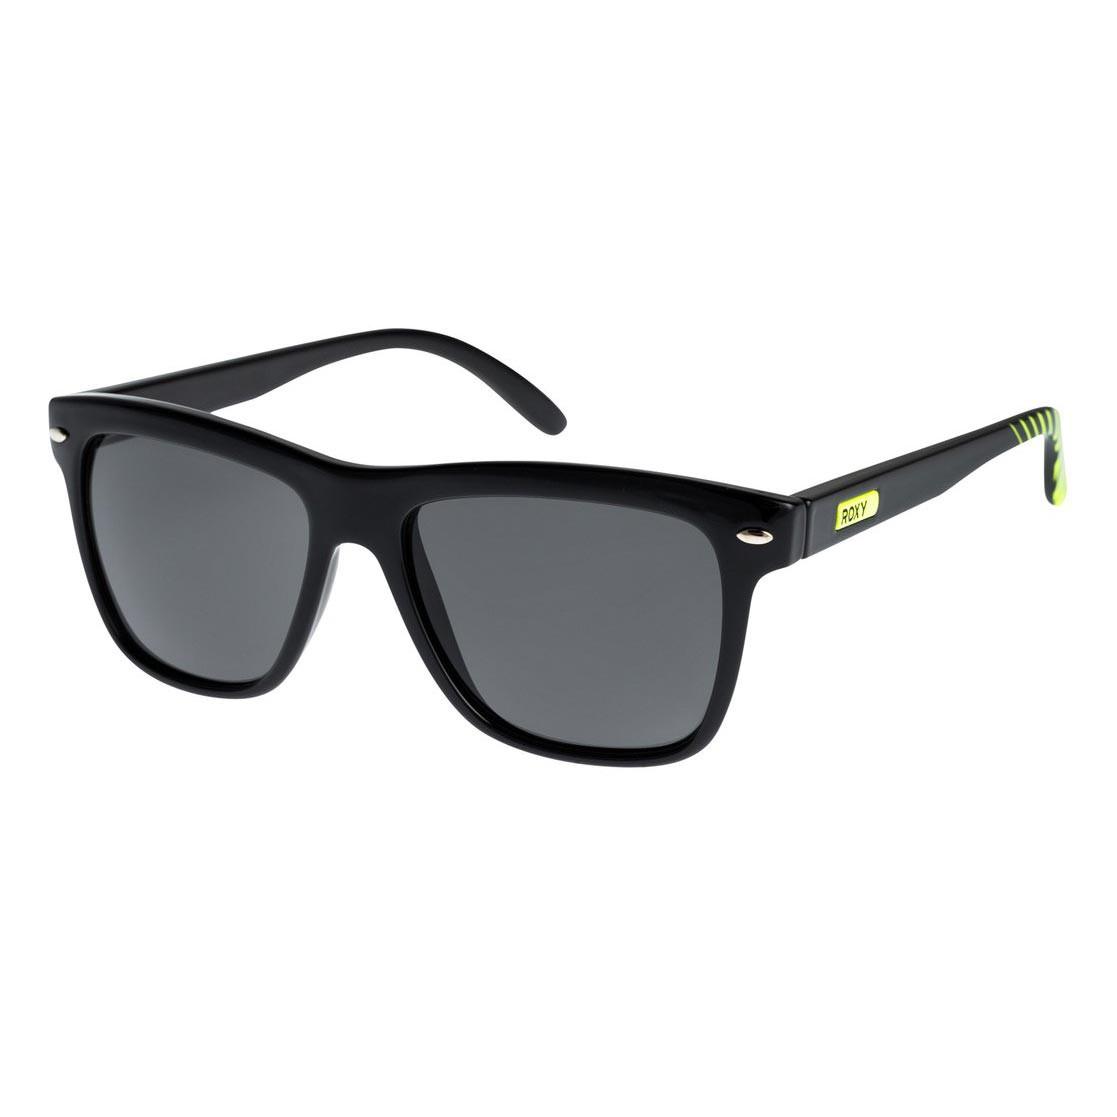 Sluneční brýle Roxy Miller shiny black vel.YELLOW 16 + doručení do 24 hodin